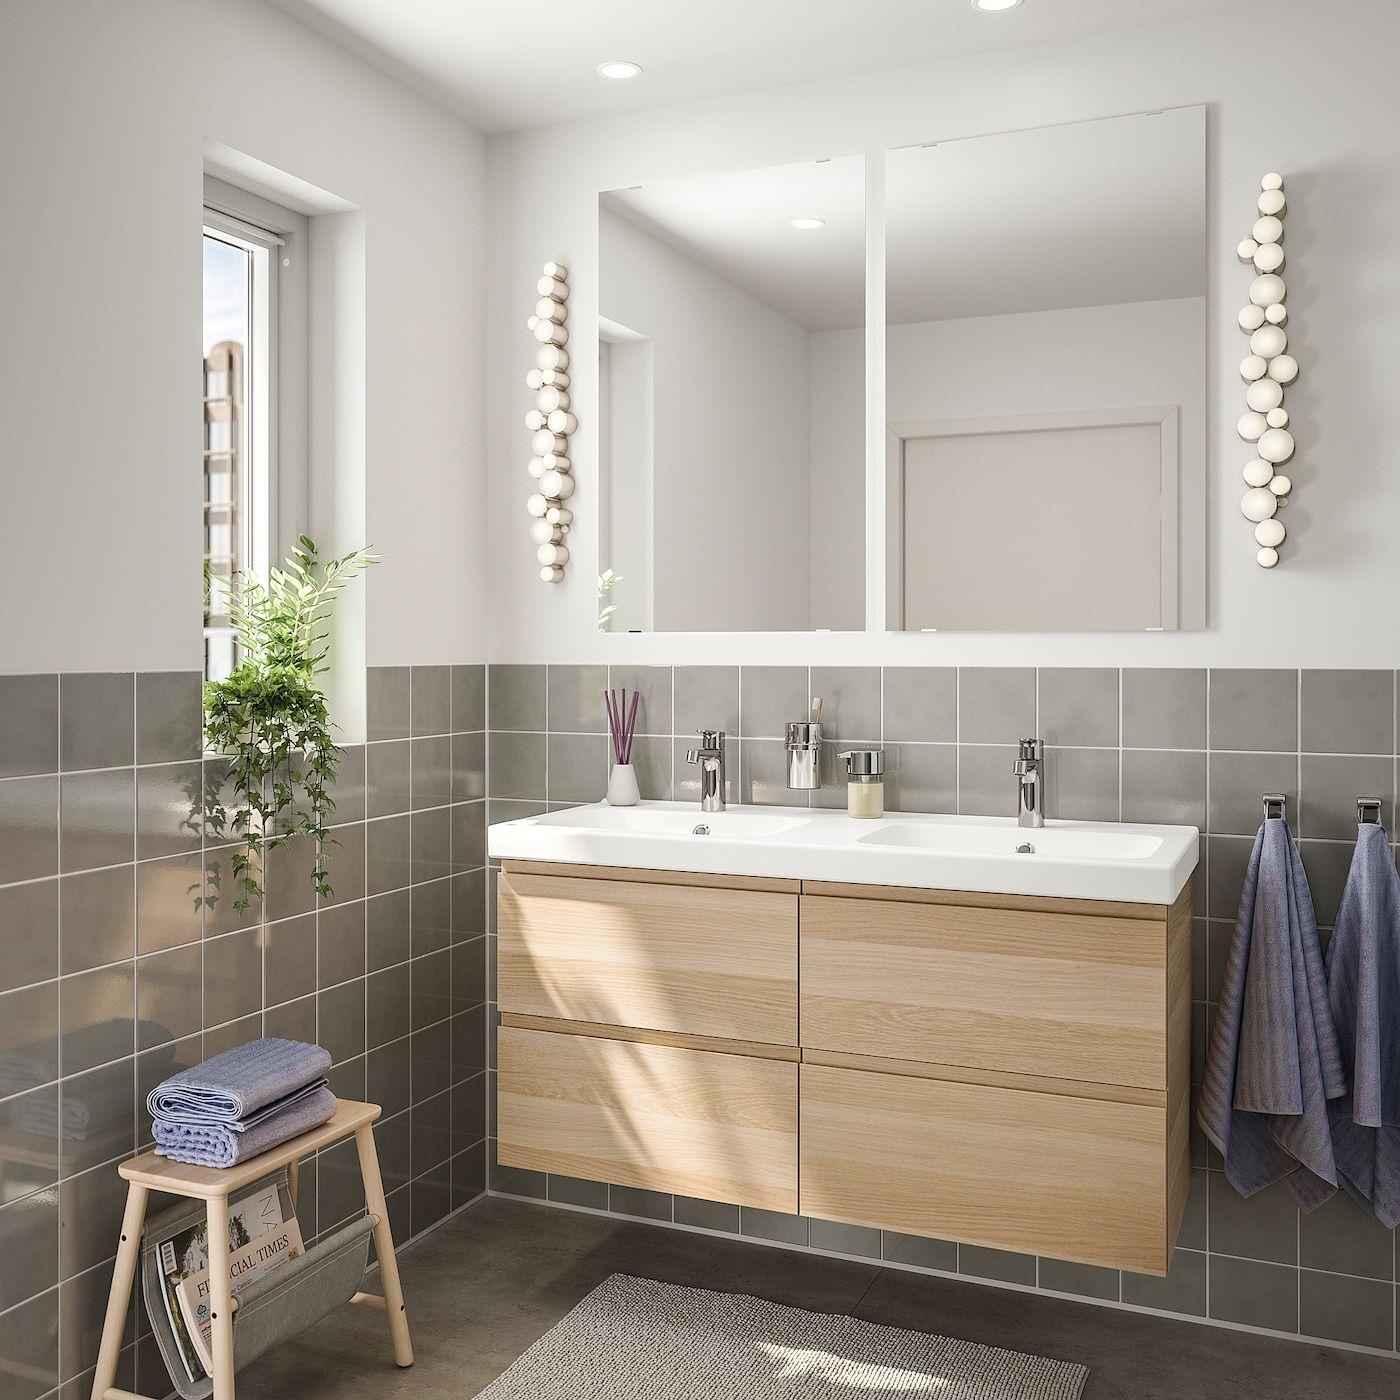 Godmorgon Odensvik Badeinrichtung 6 Tlg Eicheneff Wlas Brogrund Mischbatterie Ikea Osterreich Bad Einrichten Ikea Godmorgon Mischbatterien